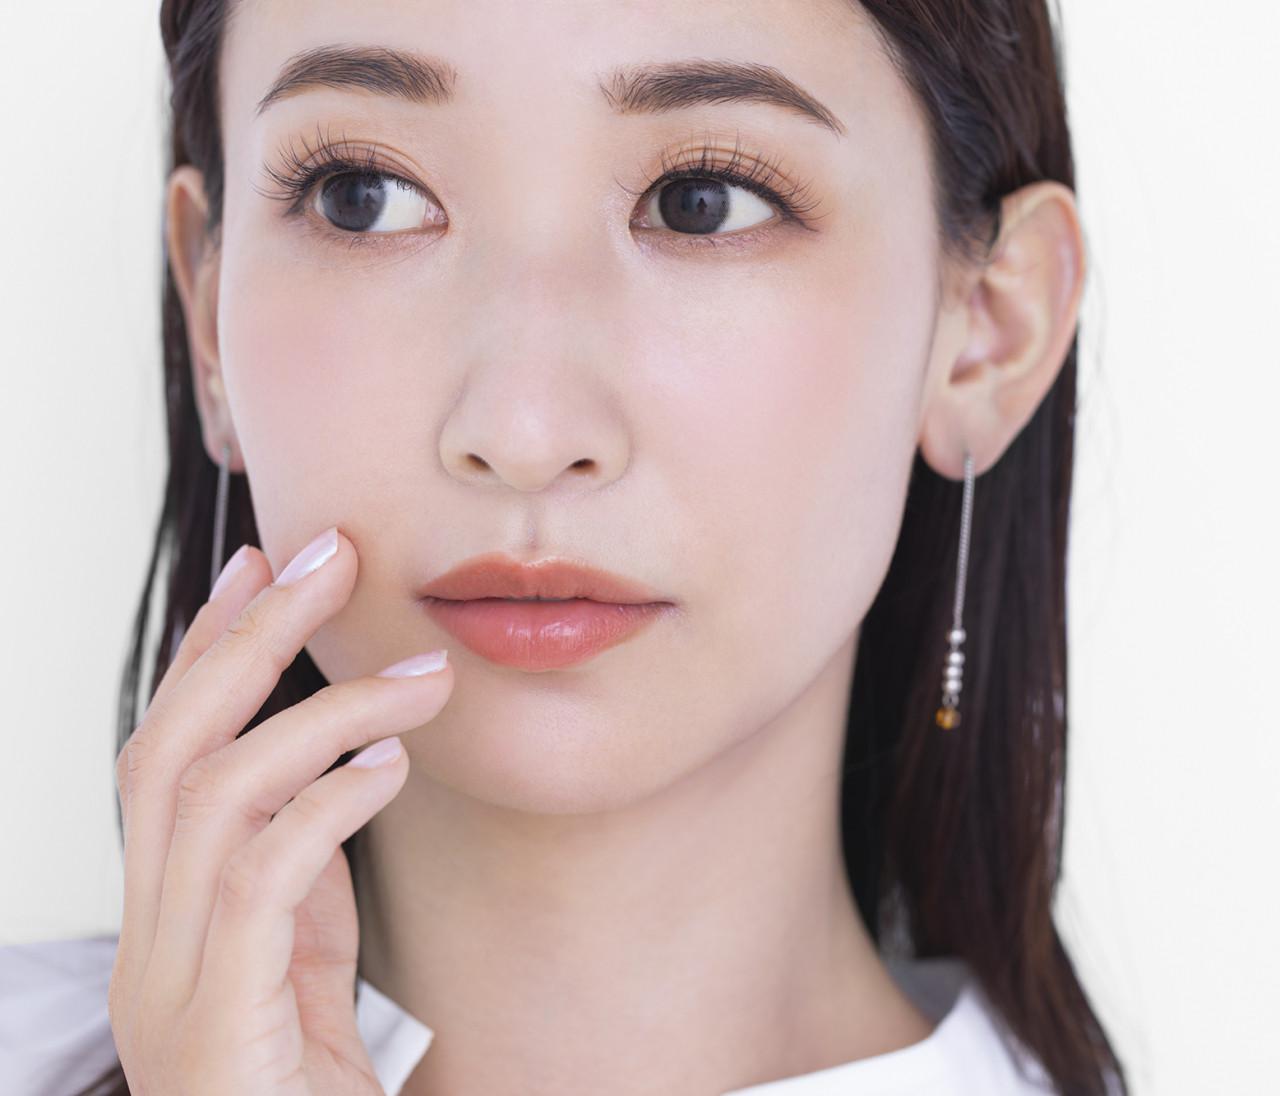 【ほうれい線を消したい!】原因や対策、さらにおすすめ美容液・クリーム・美顔器から顔エクササイズまで、ほうれい線のお悩みすべてに答えます!